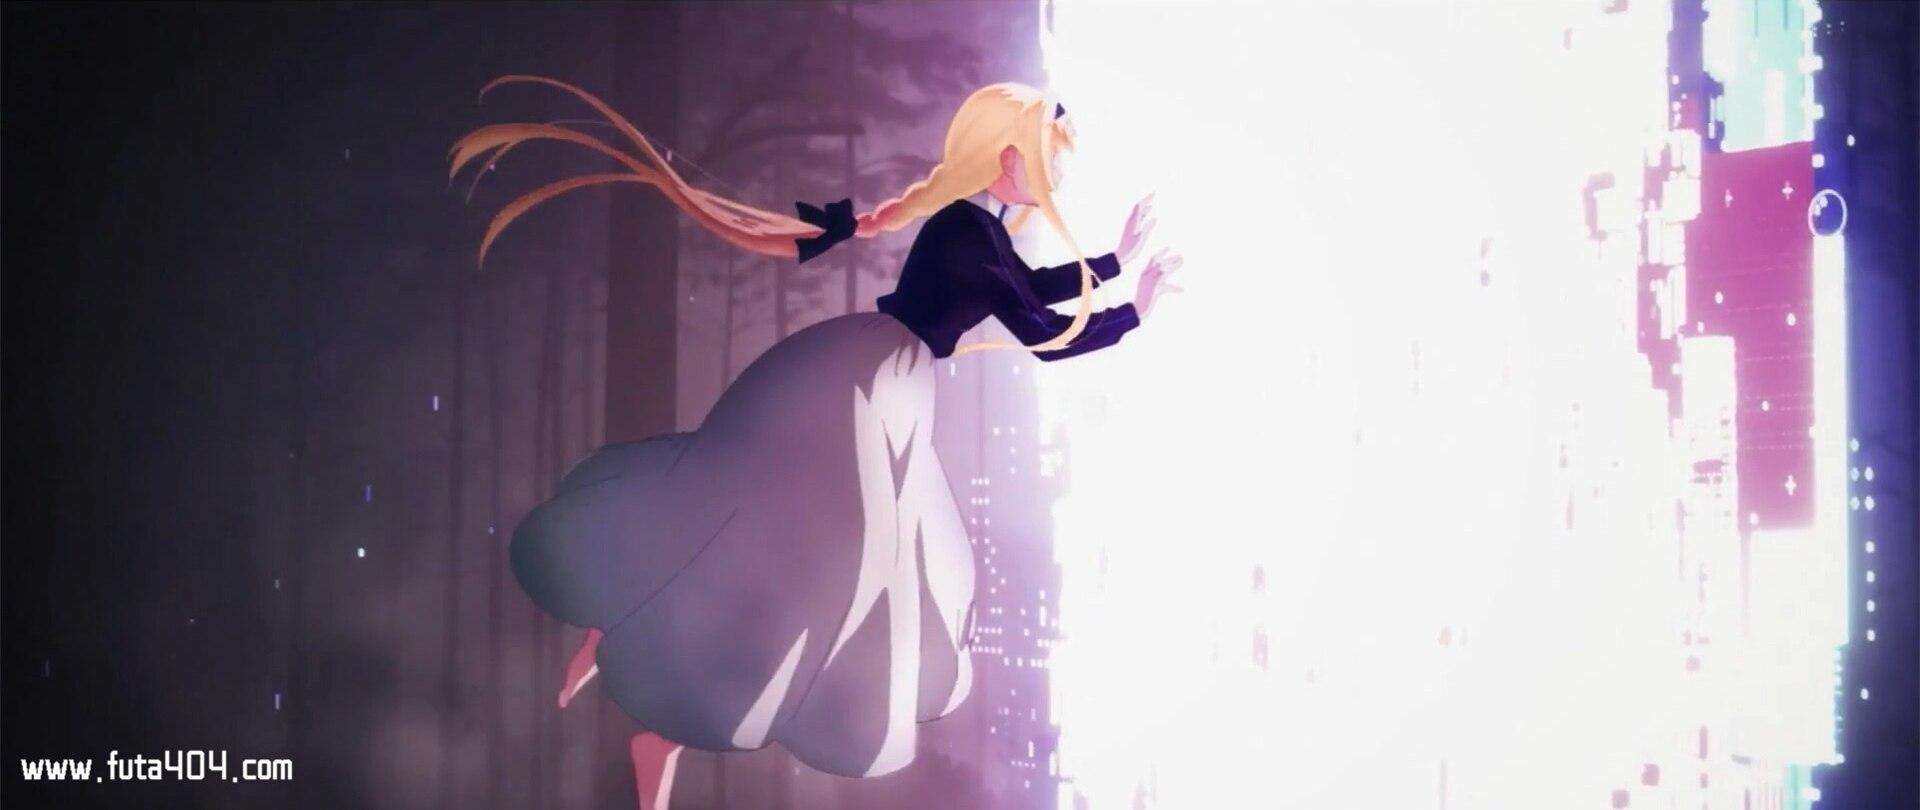 刀剑神域第三季爱丽丝篇异界战争ED片尾曲「unlasting」下载 LiSA 动漫音乐 第2张